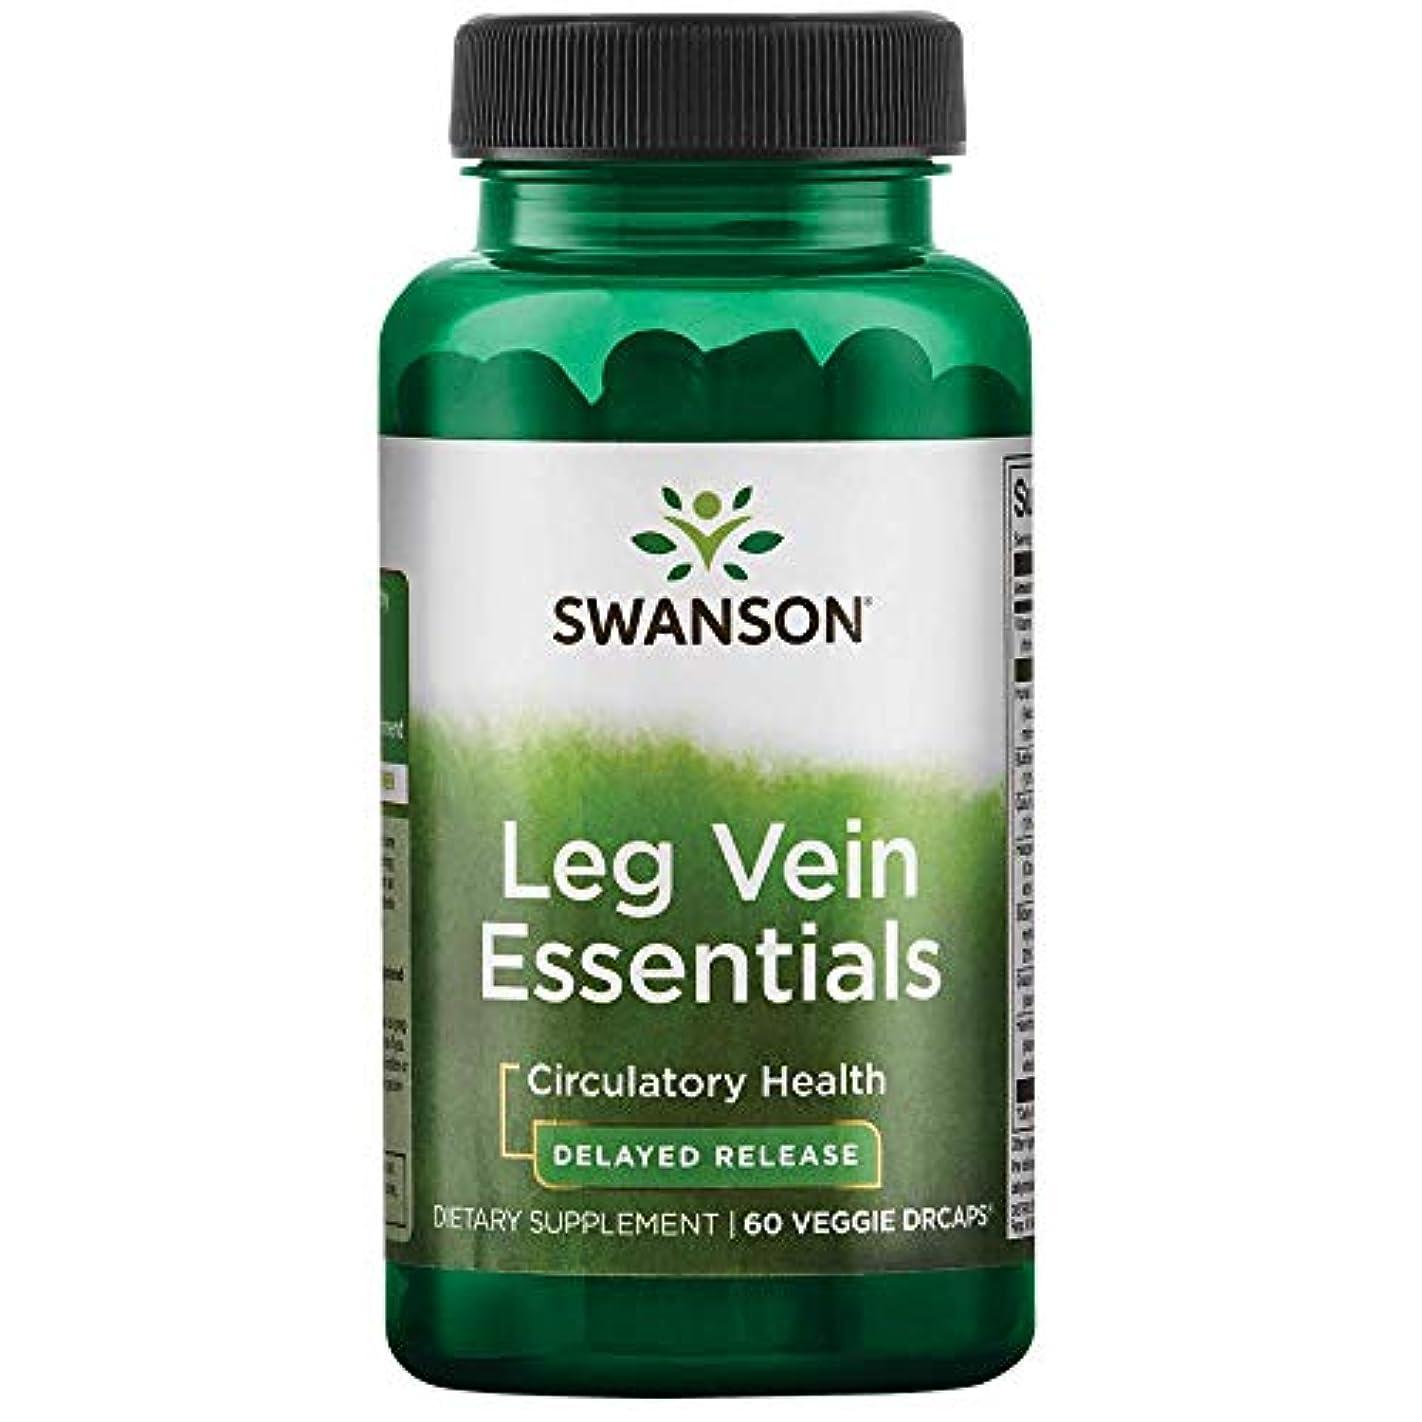 周波数金属ゲストSWASON社 ダイエットサプリ Leg Vein Essentials 60粒(30日分)